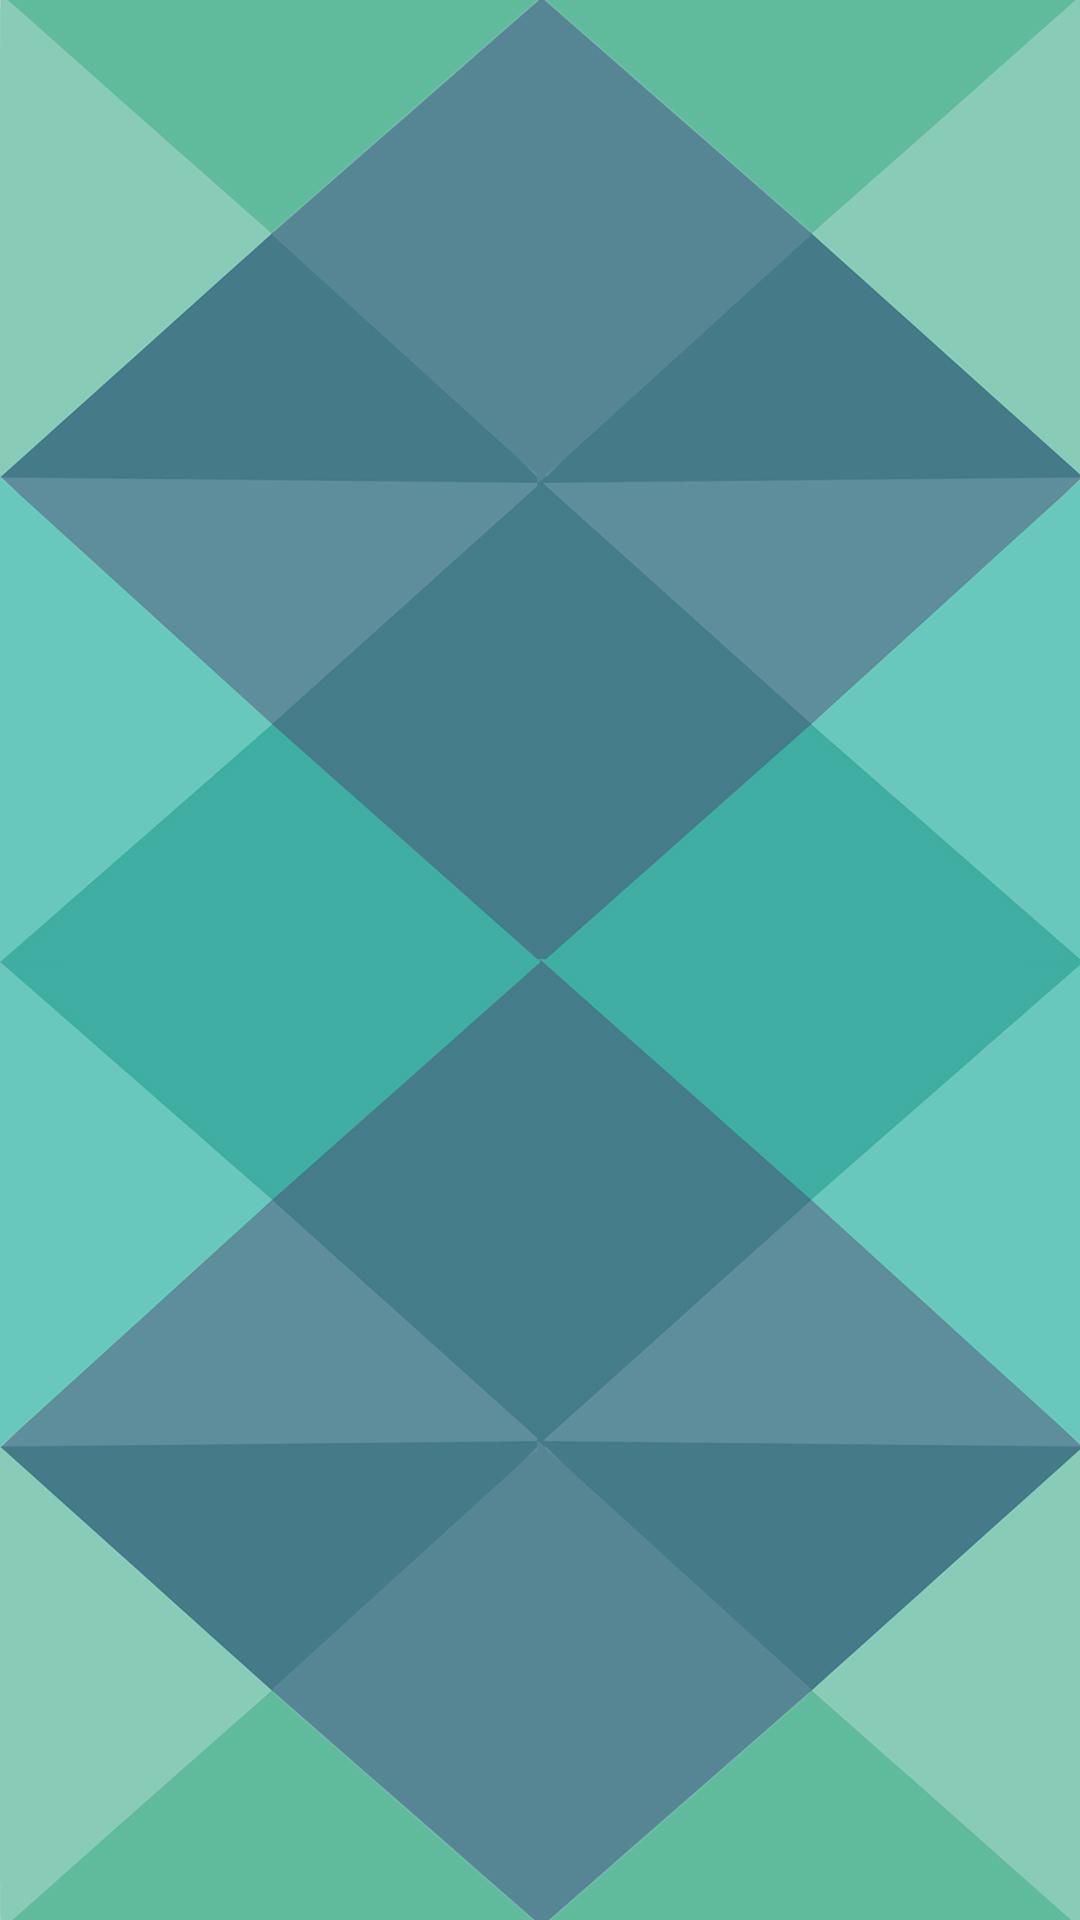 Folded htc one wallpaper